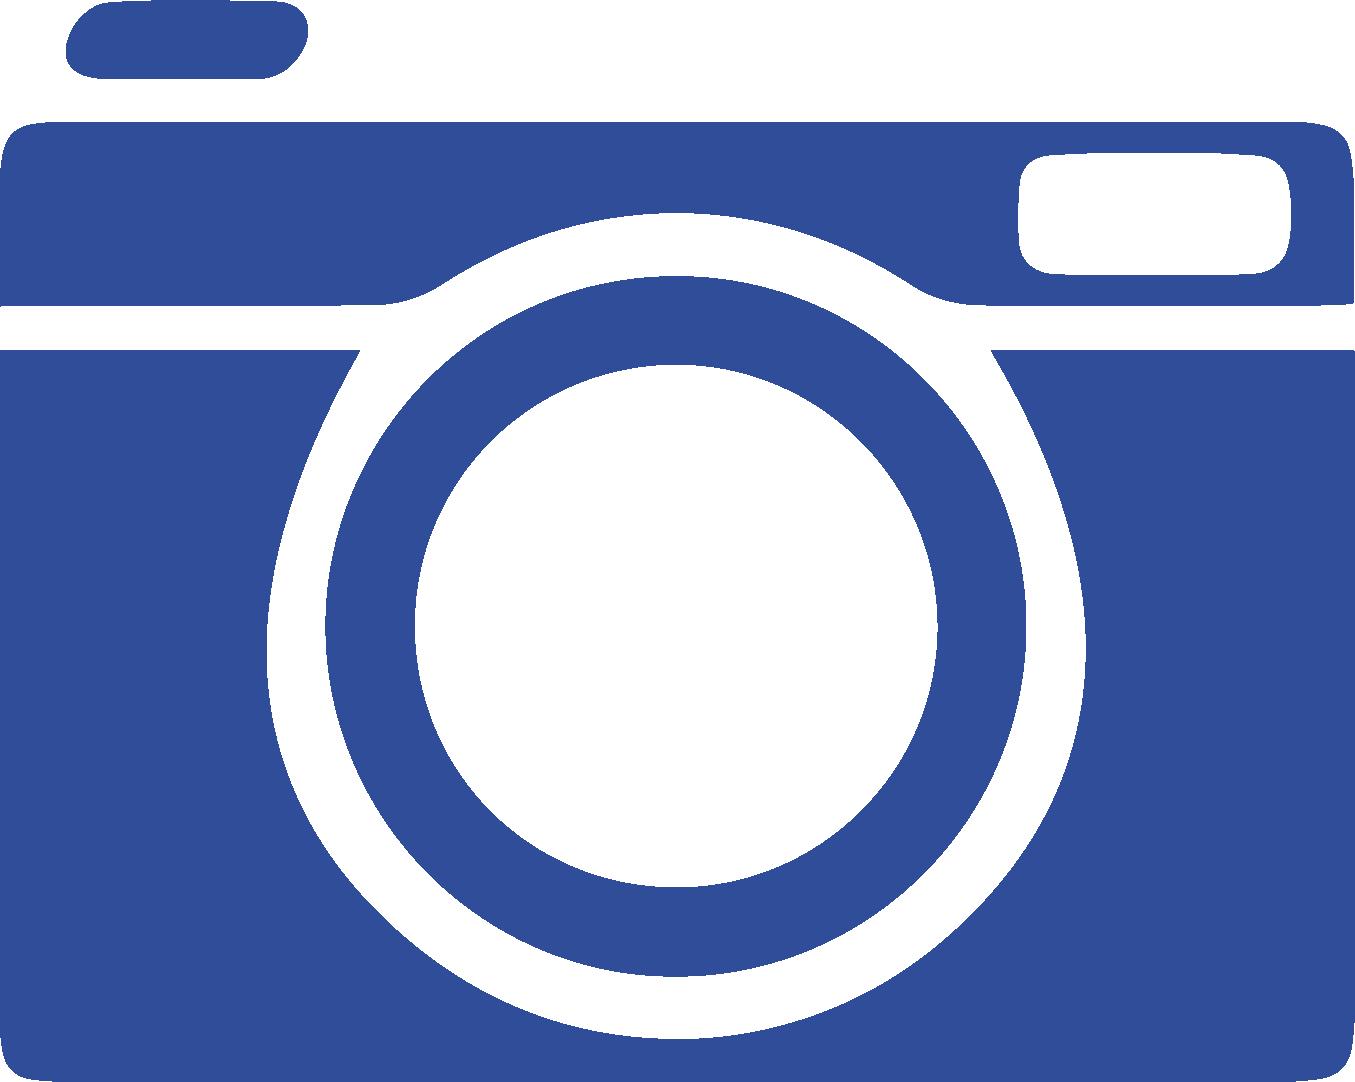 machine icon spartivento